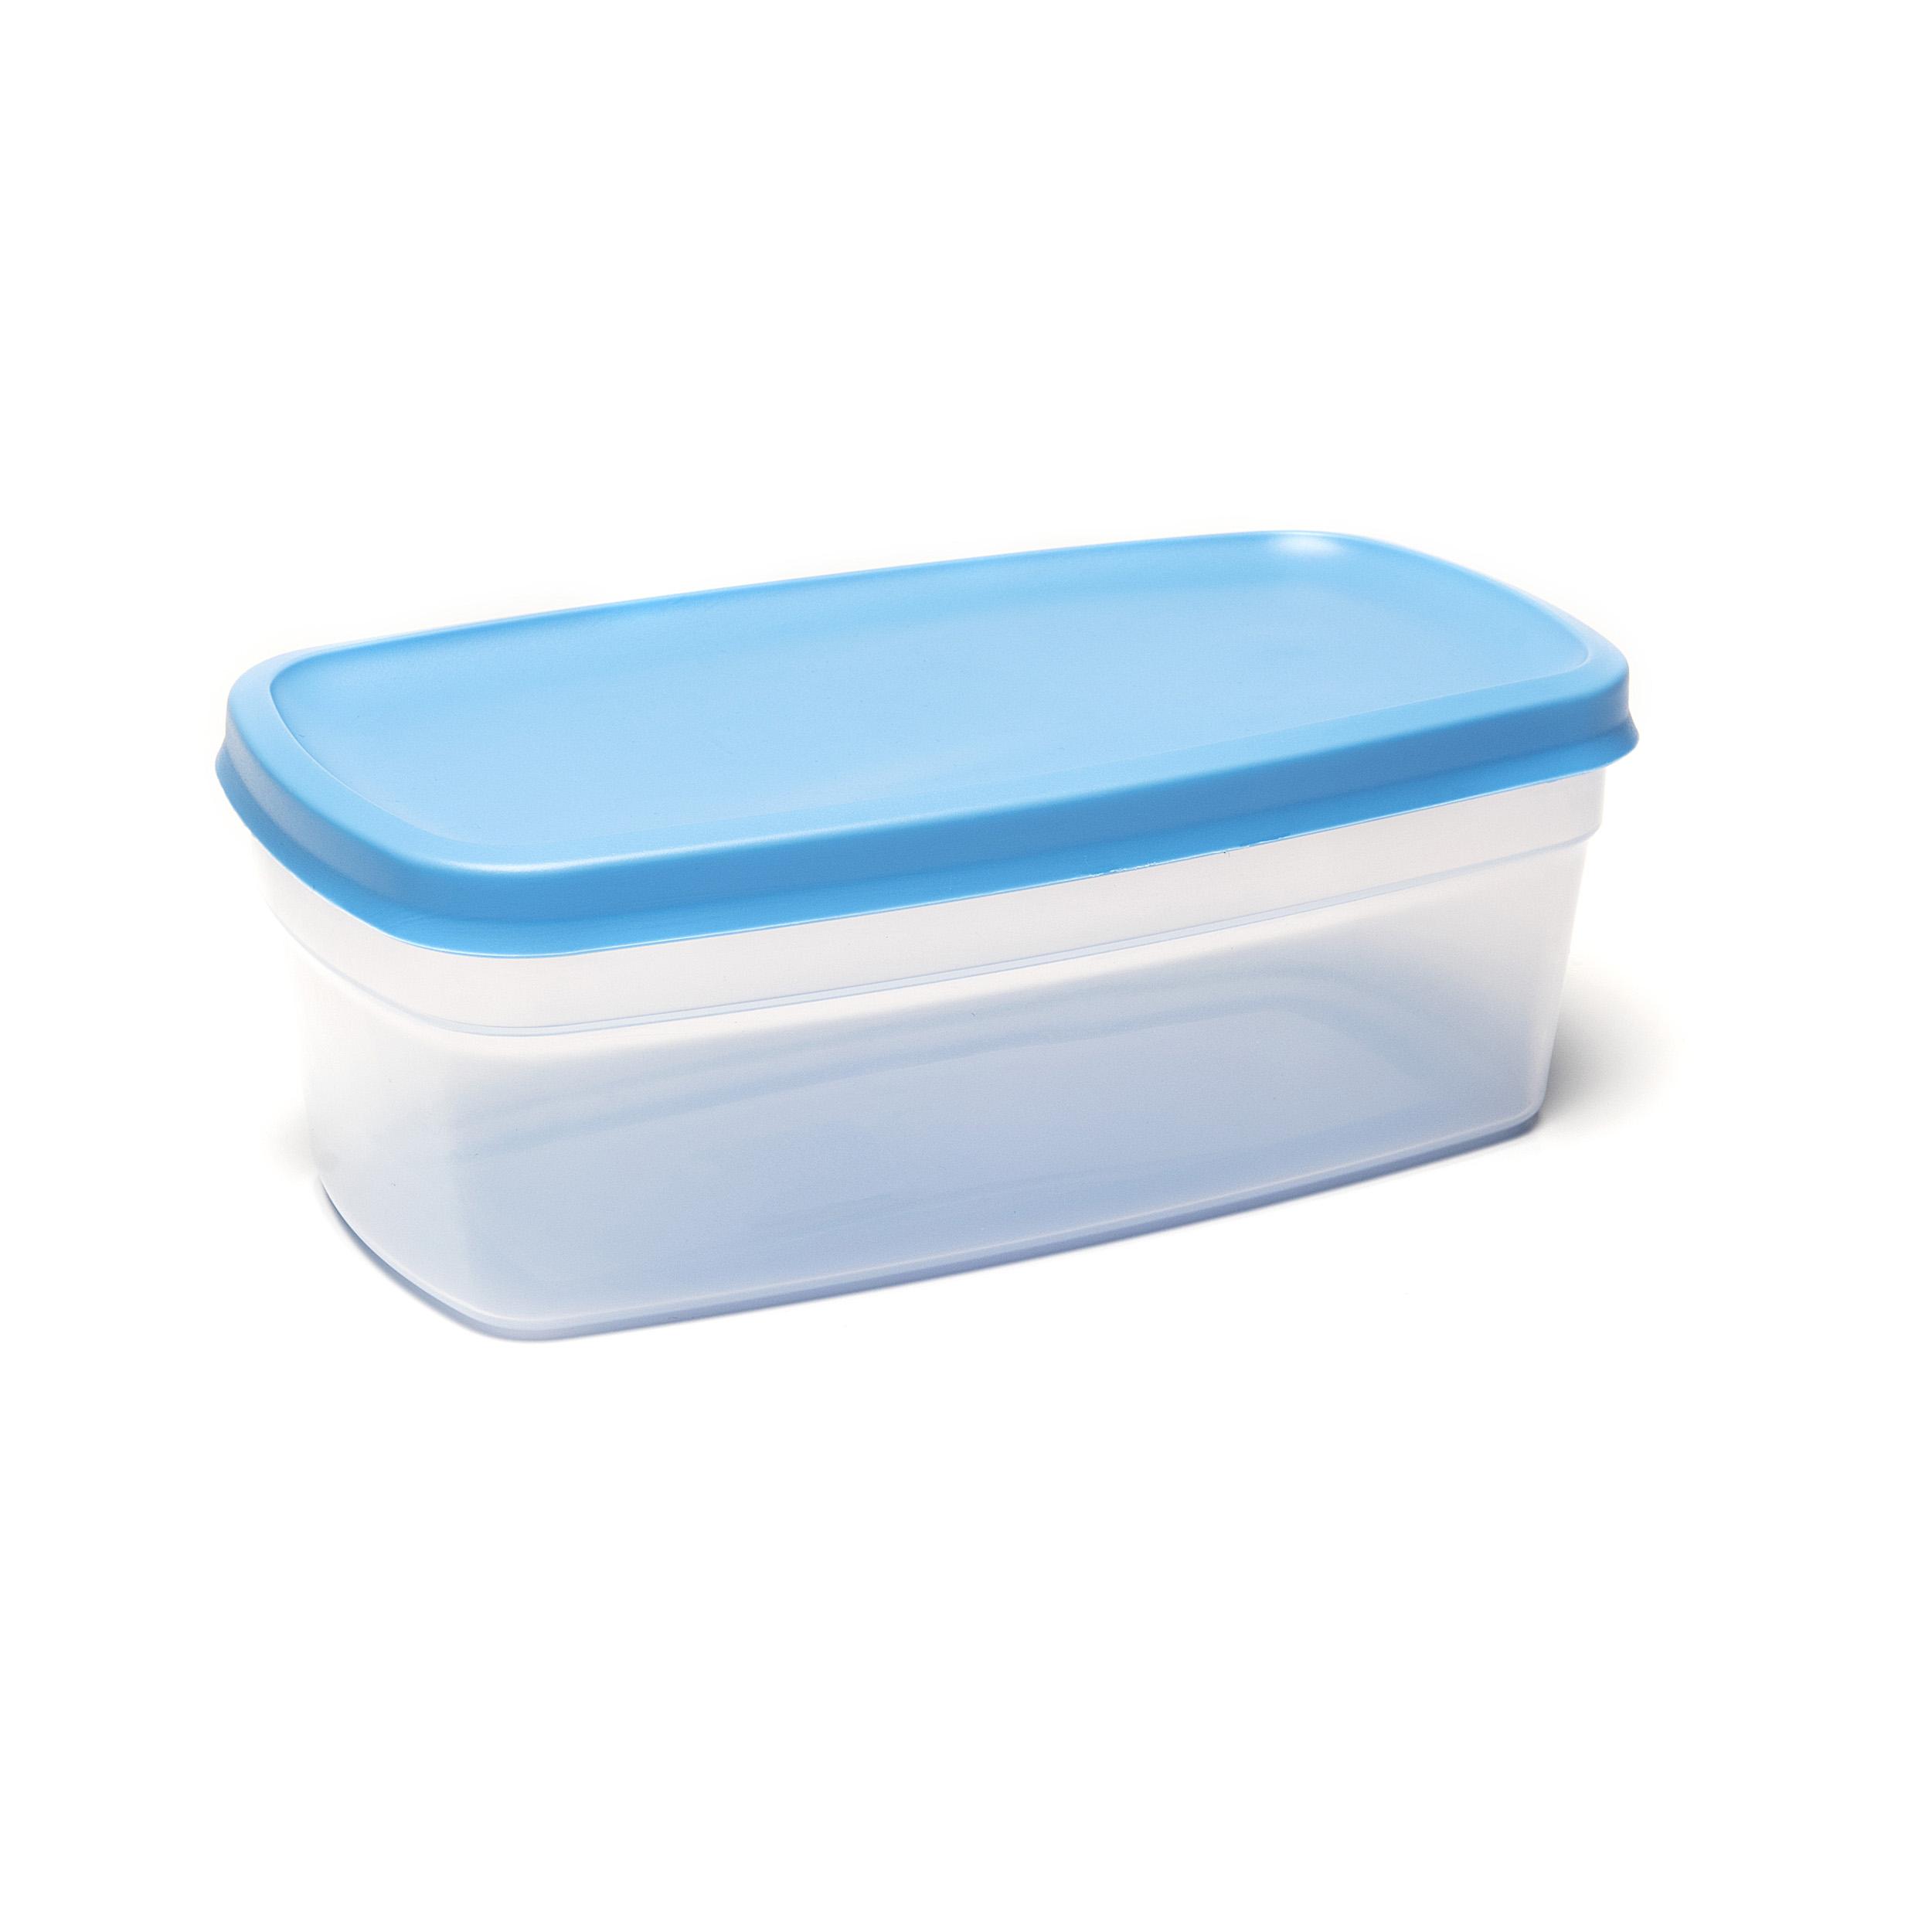 Vacutop 1900ml - .... Super fresh food? Keep it in a VacuTop® box. Thanks to its hermetic seal, your food will remain noticeably fresher for longer. Stack and store? It's easy peasy. Your VacuTop® is indestructible: it will stand up to the dishwasher and microwave – provided you remove the lid when using the latter. ..Un repas d'une fraîcheur exquise ? Une boîte VacuTop® vous le garantira. Grâce à sa fermeture hermétique, vos aliments restent frais vraiment plus longtemps. L'empiler et la ranger ? Simple comme bonjour. Votre VacuTop® est inusable : elle convient pour le lave-vaisselle et micro-ondes – pour autant que vous en enleviez le couvercle. ..Kraakvers eten? Dat bewaar je in een VacuTop®-doos. Dankzij de hermetische afsluiting blijft je eten merkbaar langer vers. Stapelen en wegbergen? Een fluitje van een cent. Je VacuTop® is onverslijtbaar: hij is bestand tegen vaatwasser en microgolfoven – zolang je bij die laatste het deksel maar verwijdert. ..Knackfrische Speisen? Die sollten Sie in einem VacuTop®-Behälter aufbewahren. Dank des hermetischen Verschlusses bleiben Ihre Speisen spürbar länger frisch. Stapeln und aufbewahren? Das ist ein Kinderspiel. Ihr VacuTop® ist unverwüstlich: Er ist spülmaschinenfest und mikrowellengeeignet – solange Sie in der Mikrowelle den Deckel entfernen. ....